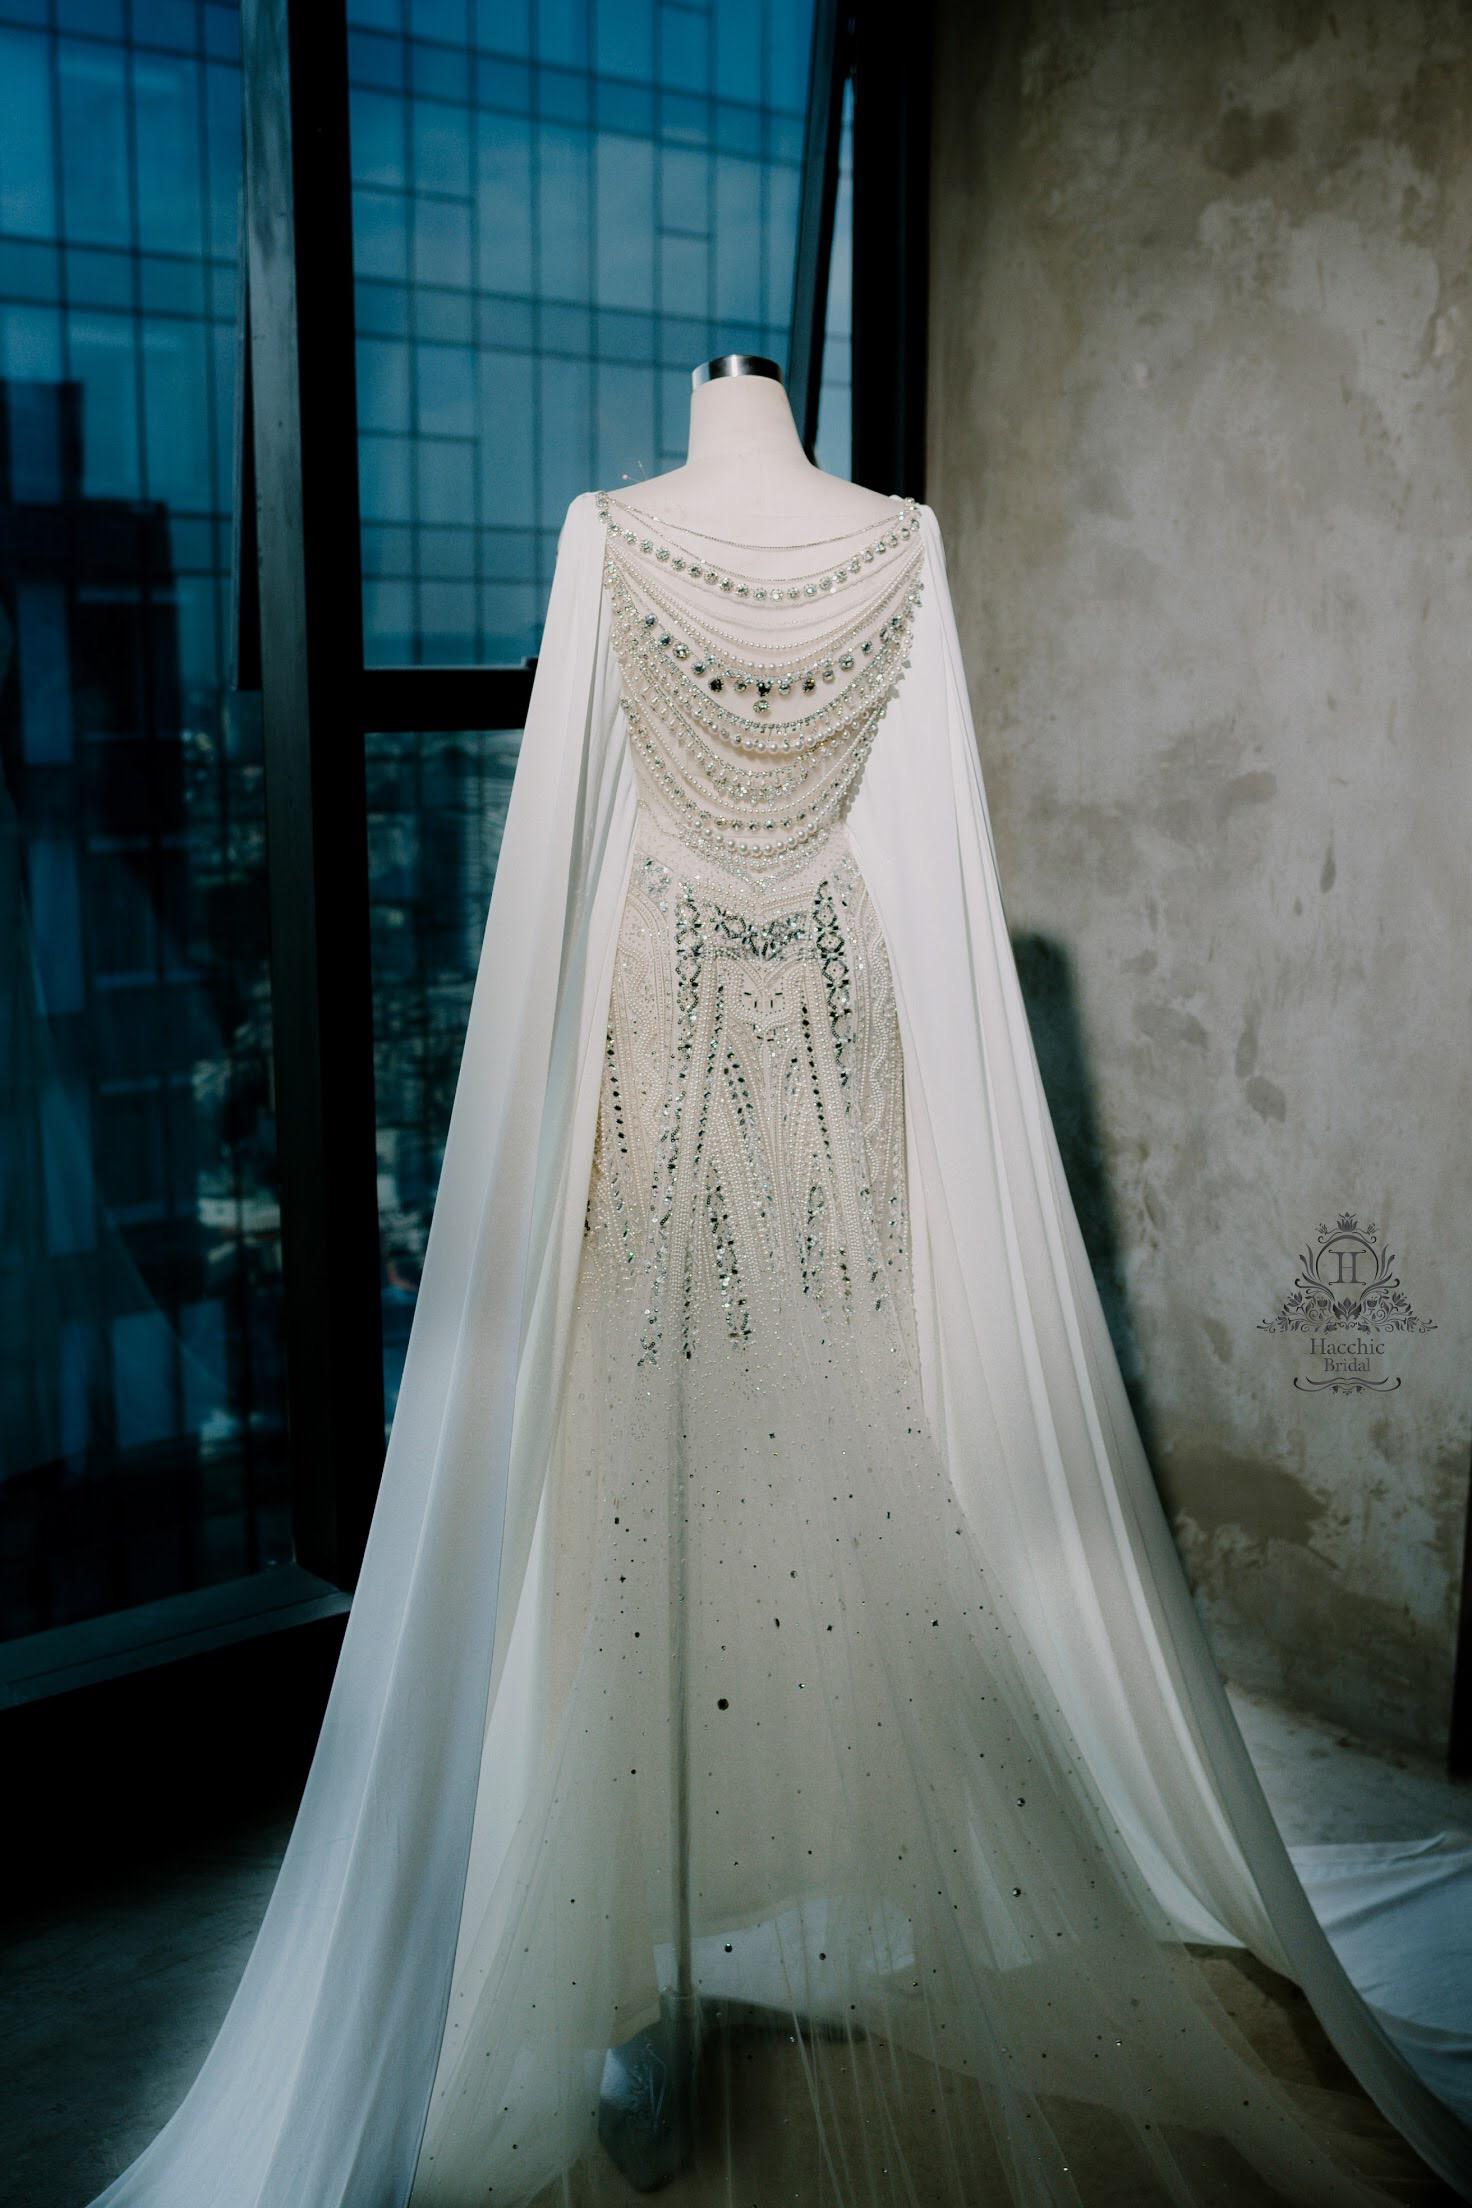 Váy cưới Lan Khuê trị giá 500 triệu có ý tưởng từ Nam Phương hoàng hậu - Ảnh 3.